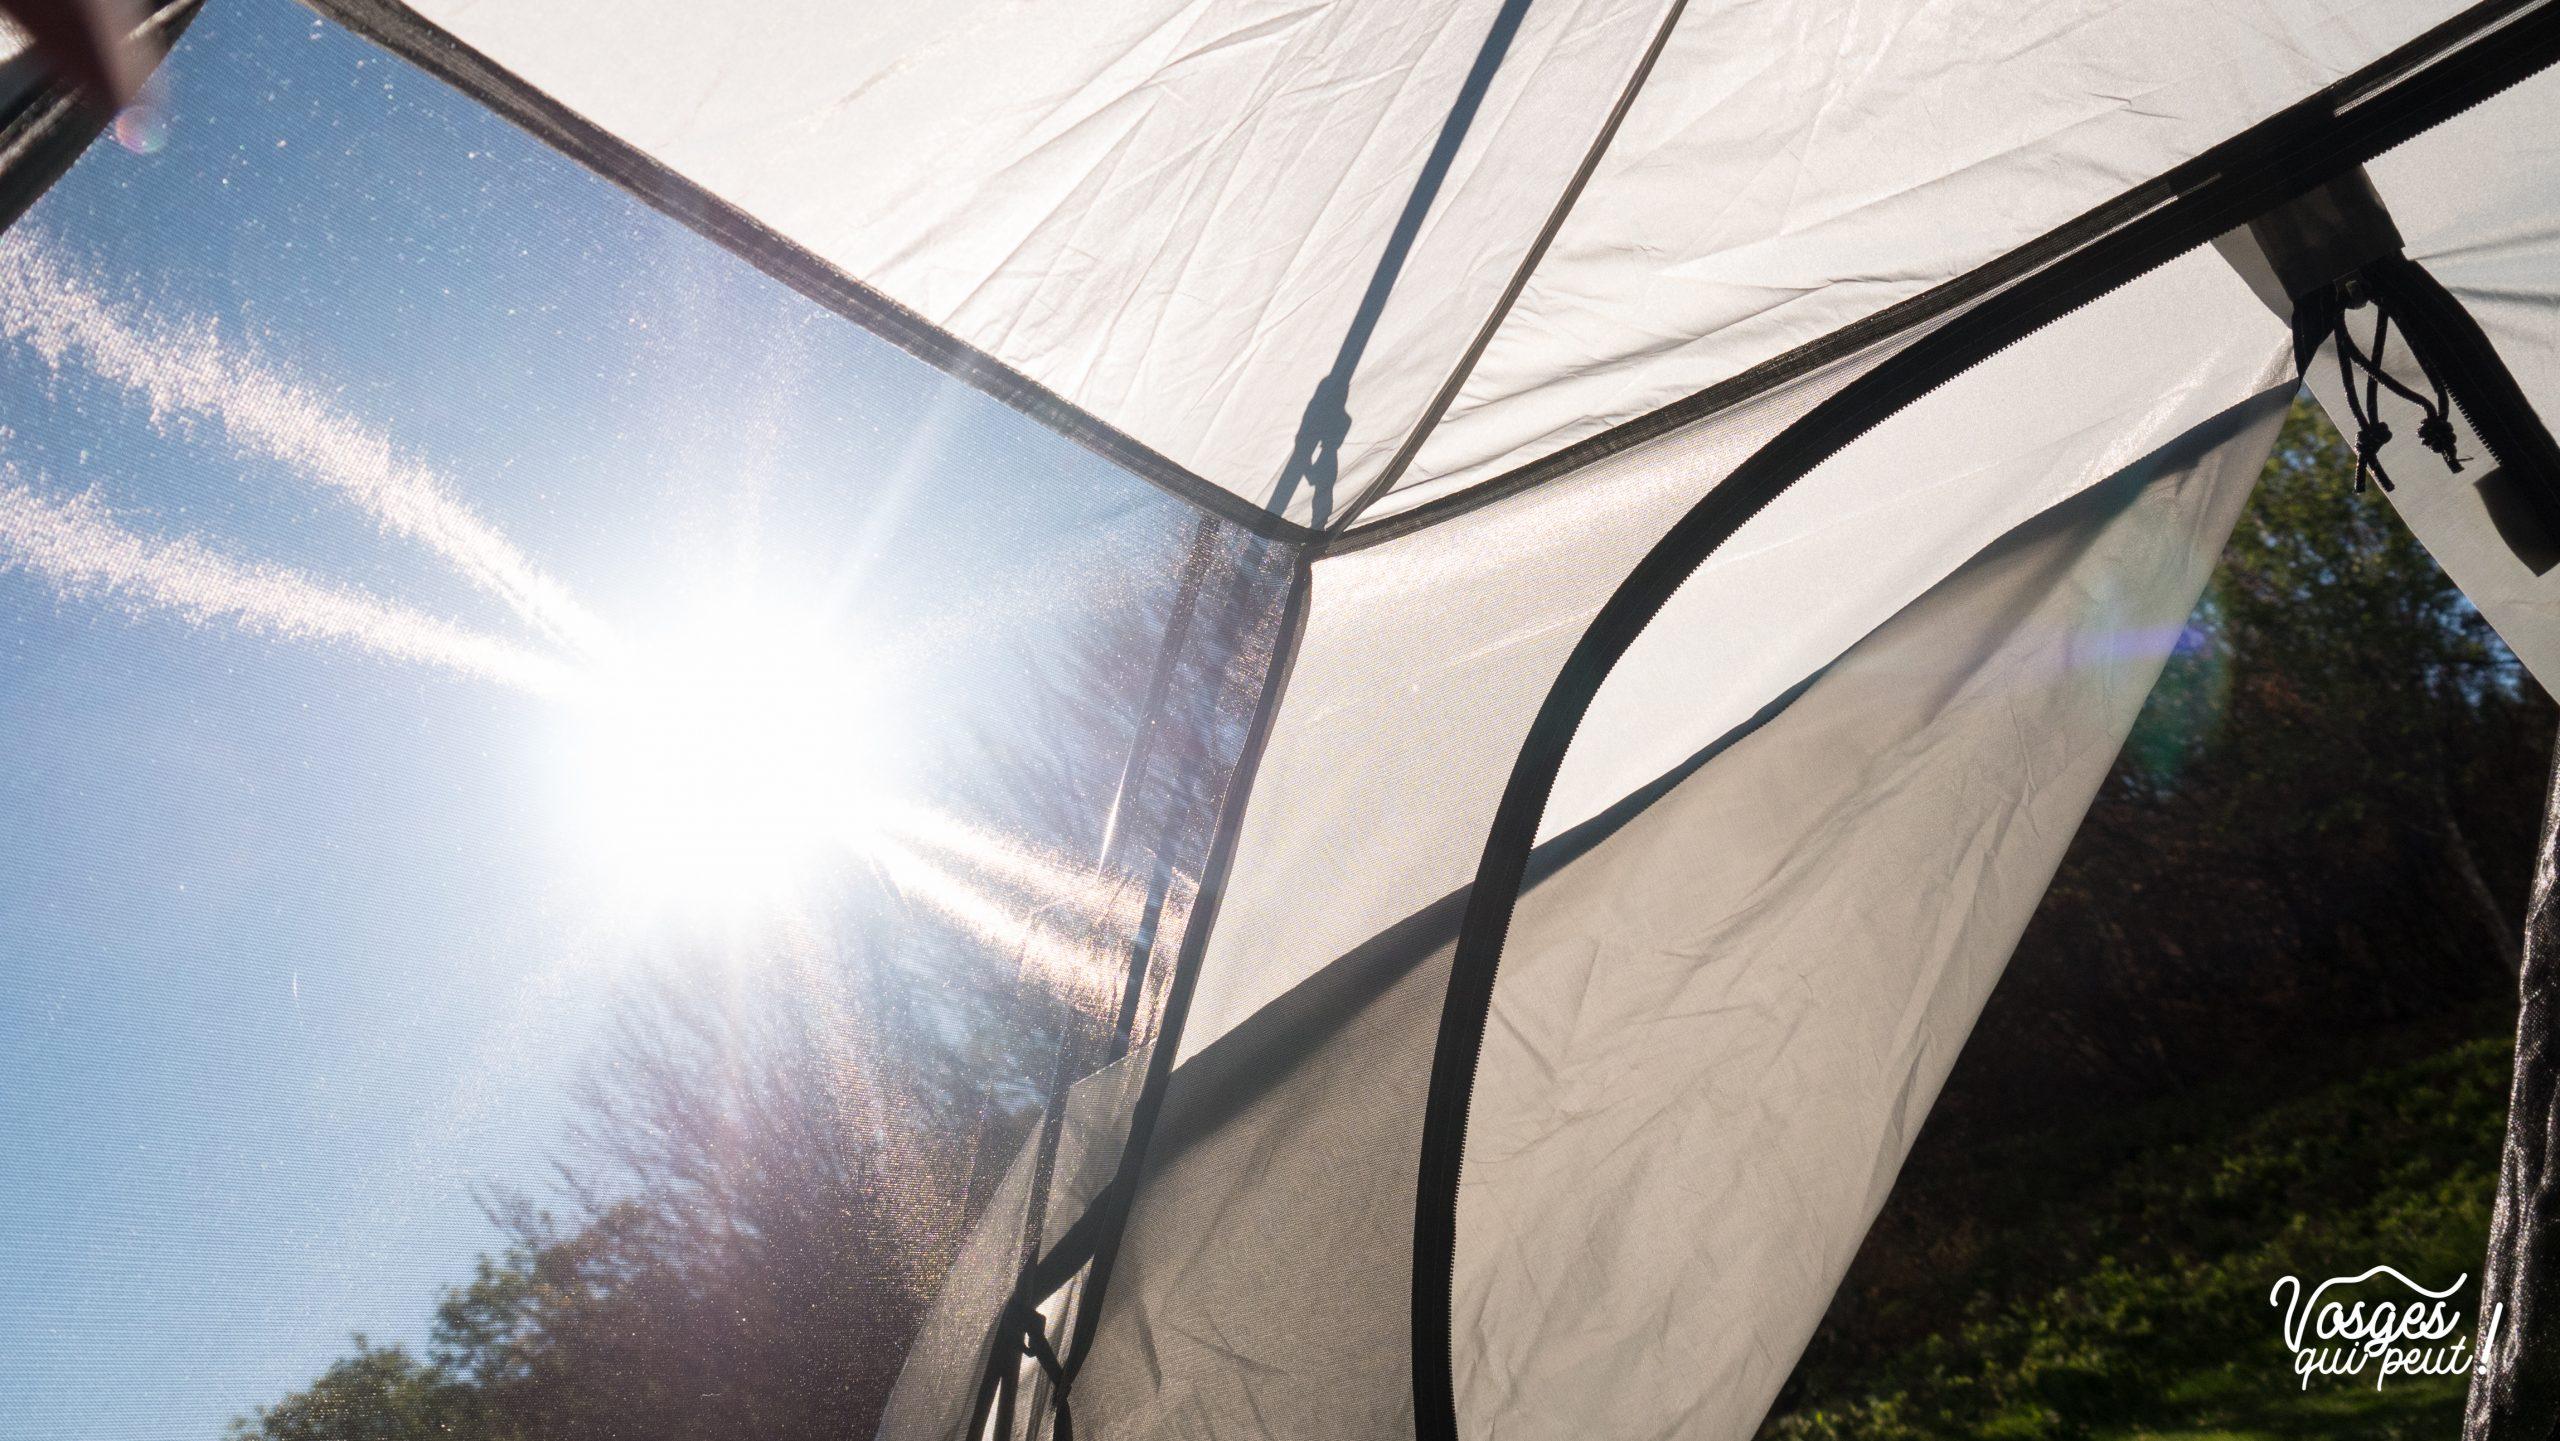 Le soleil à travers la toile d'une tente pendant un bivouac dans les Vosges